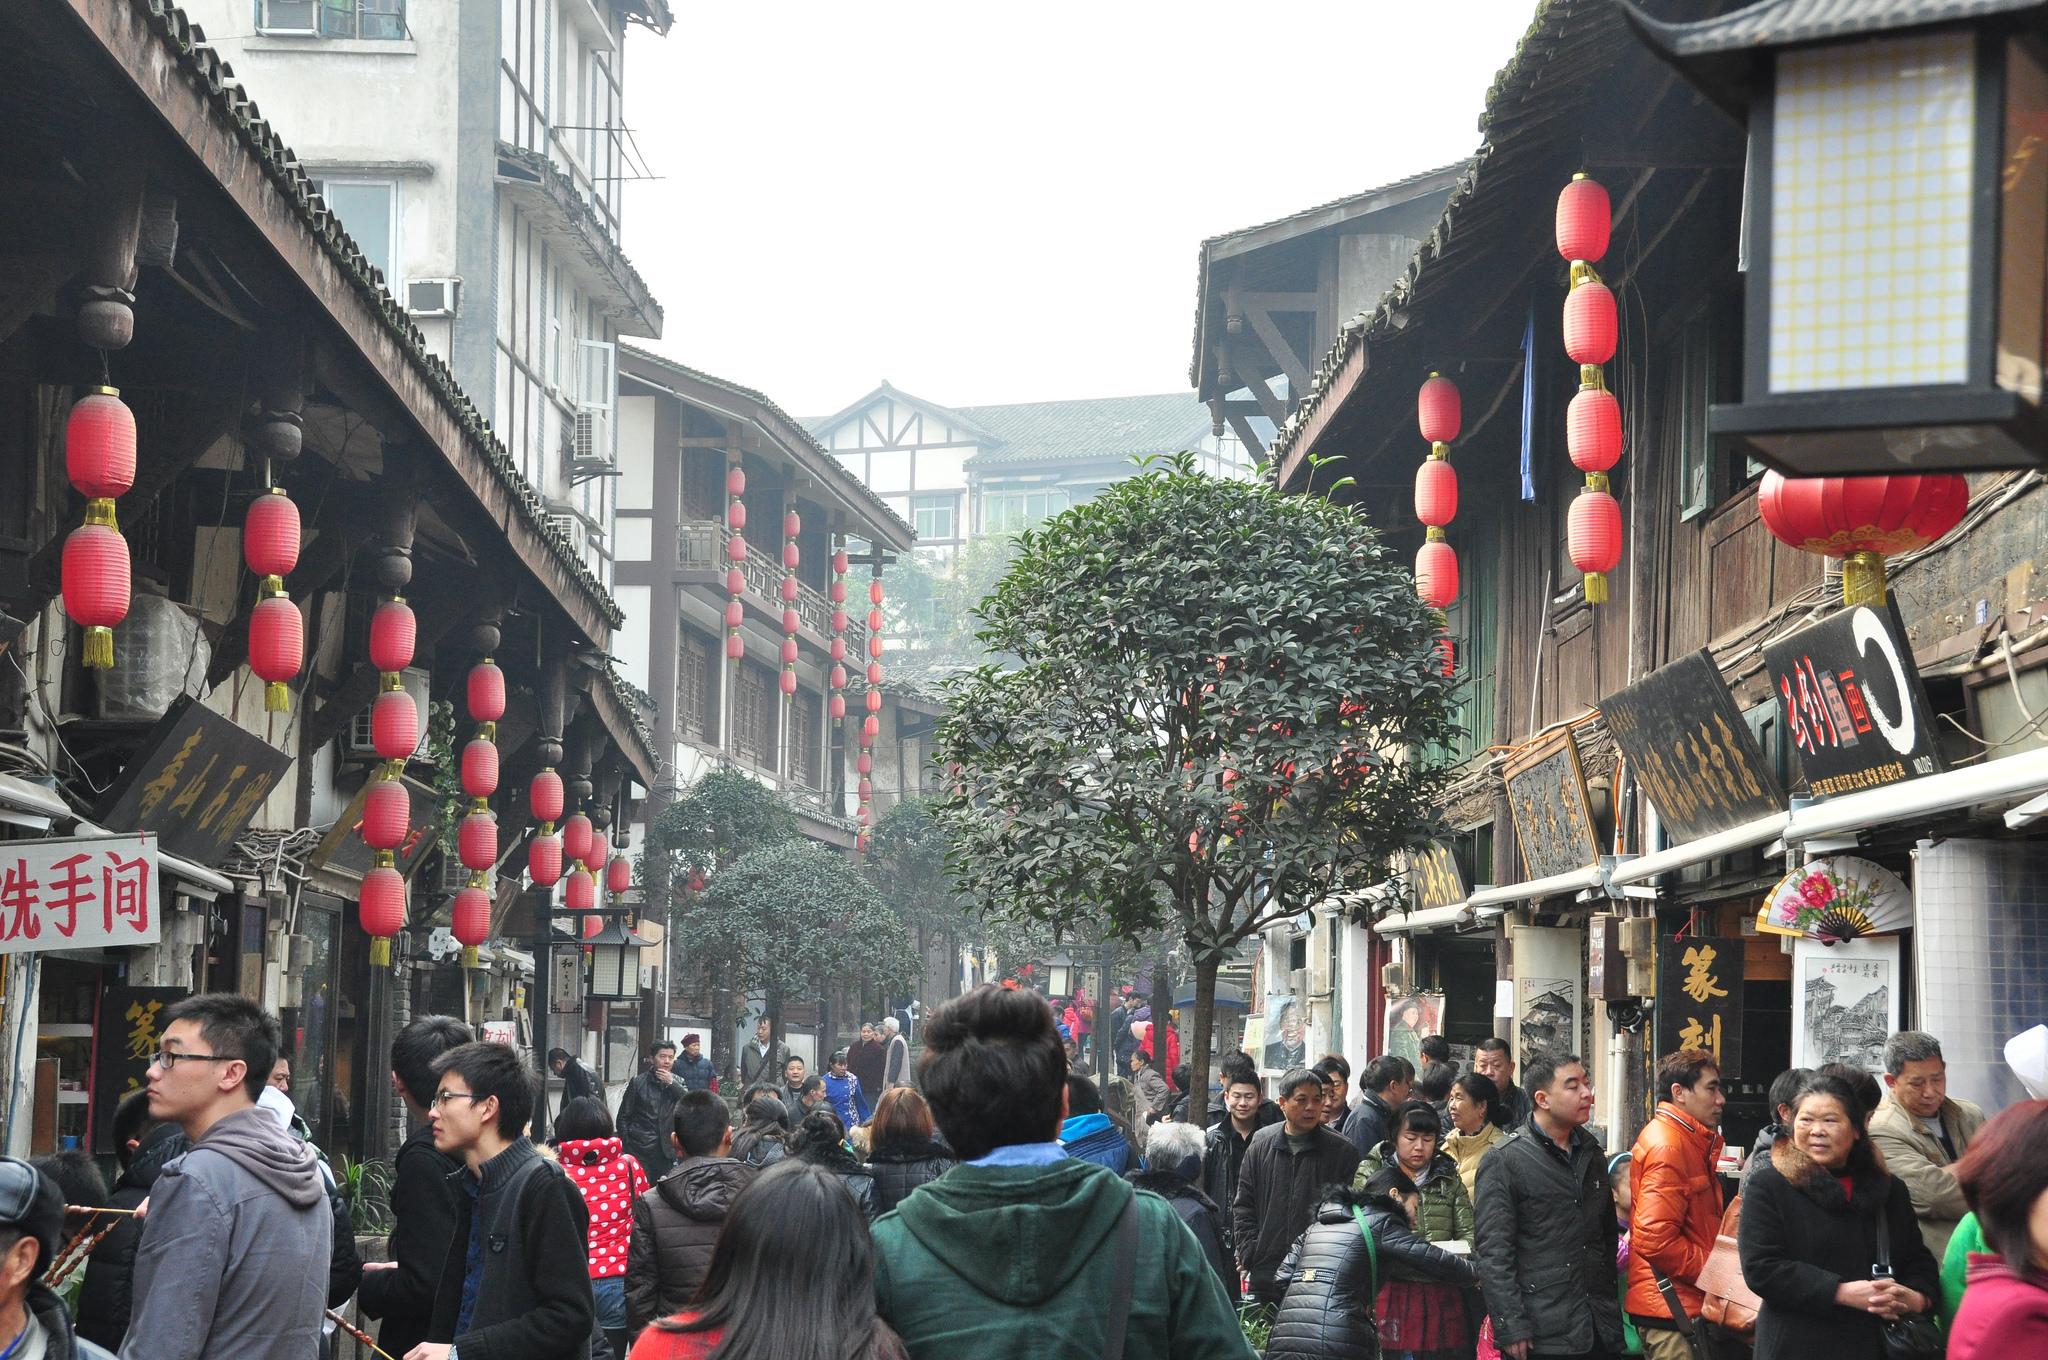 What to do in chongqing